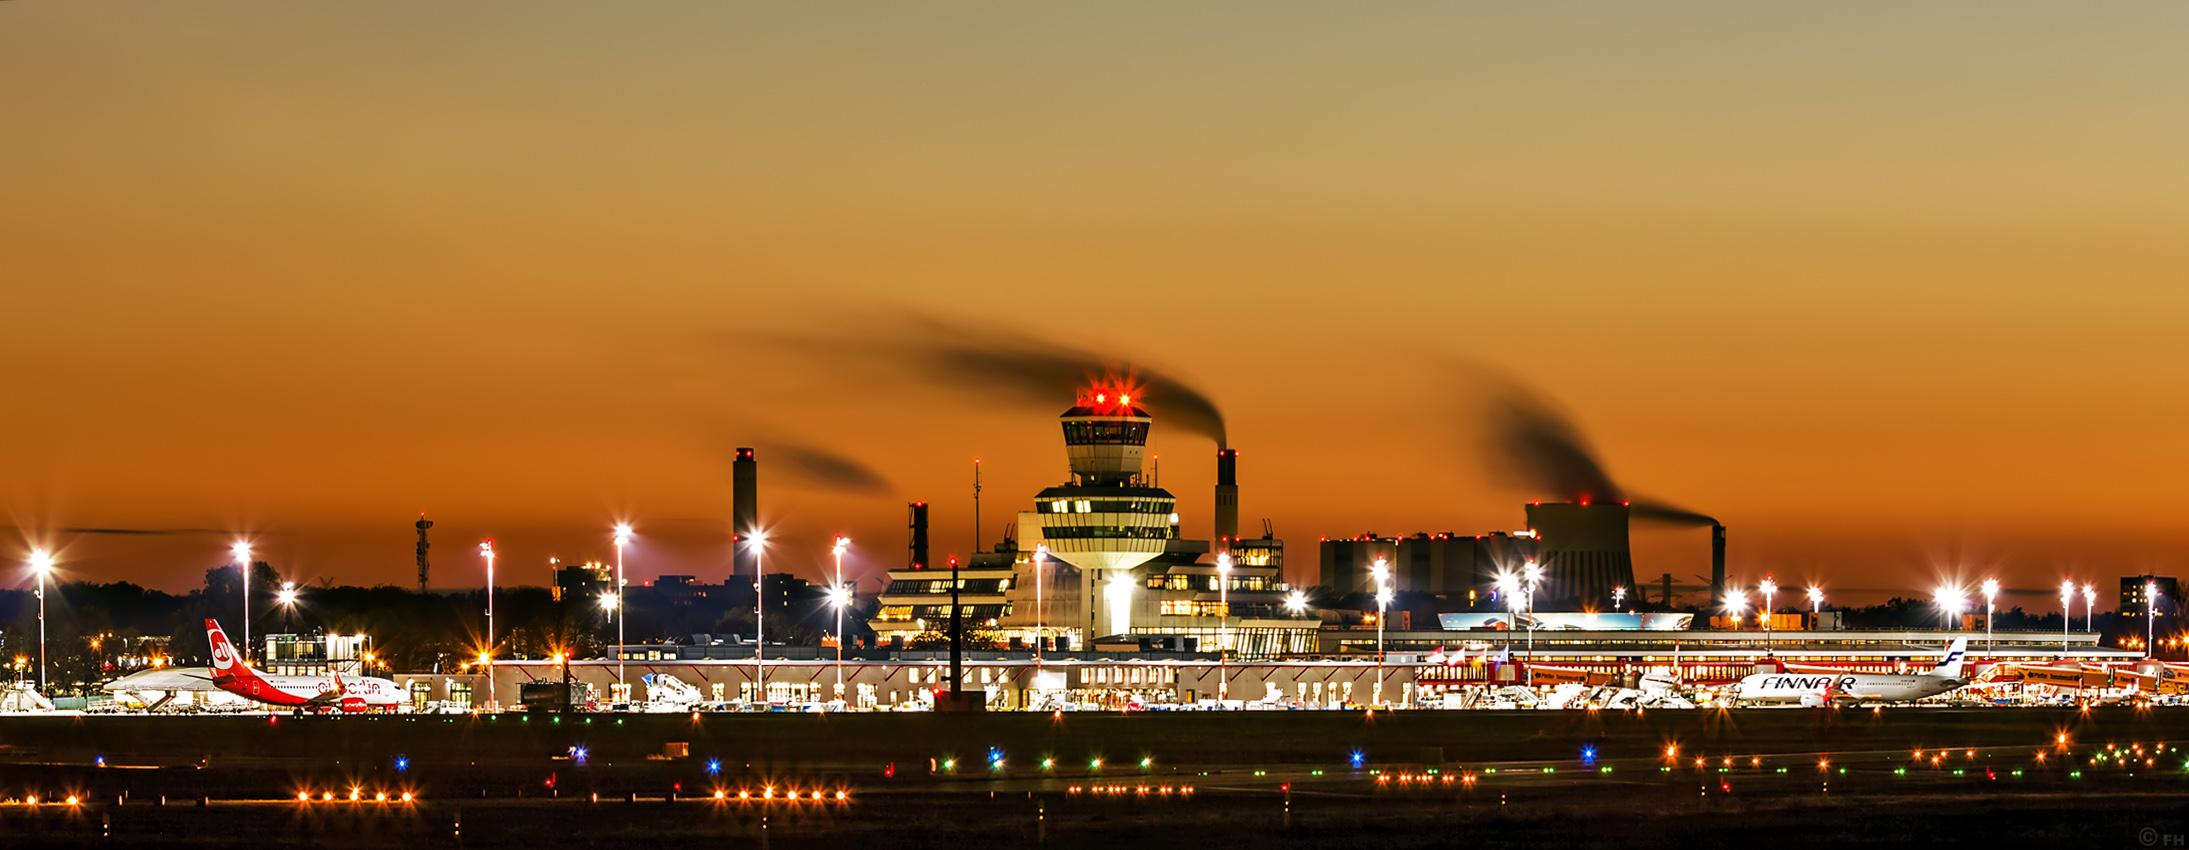 Berlin flughafen tegel txl skyline for Flughafen tegel